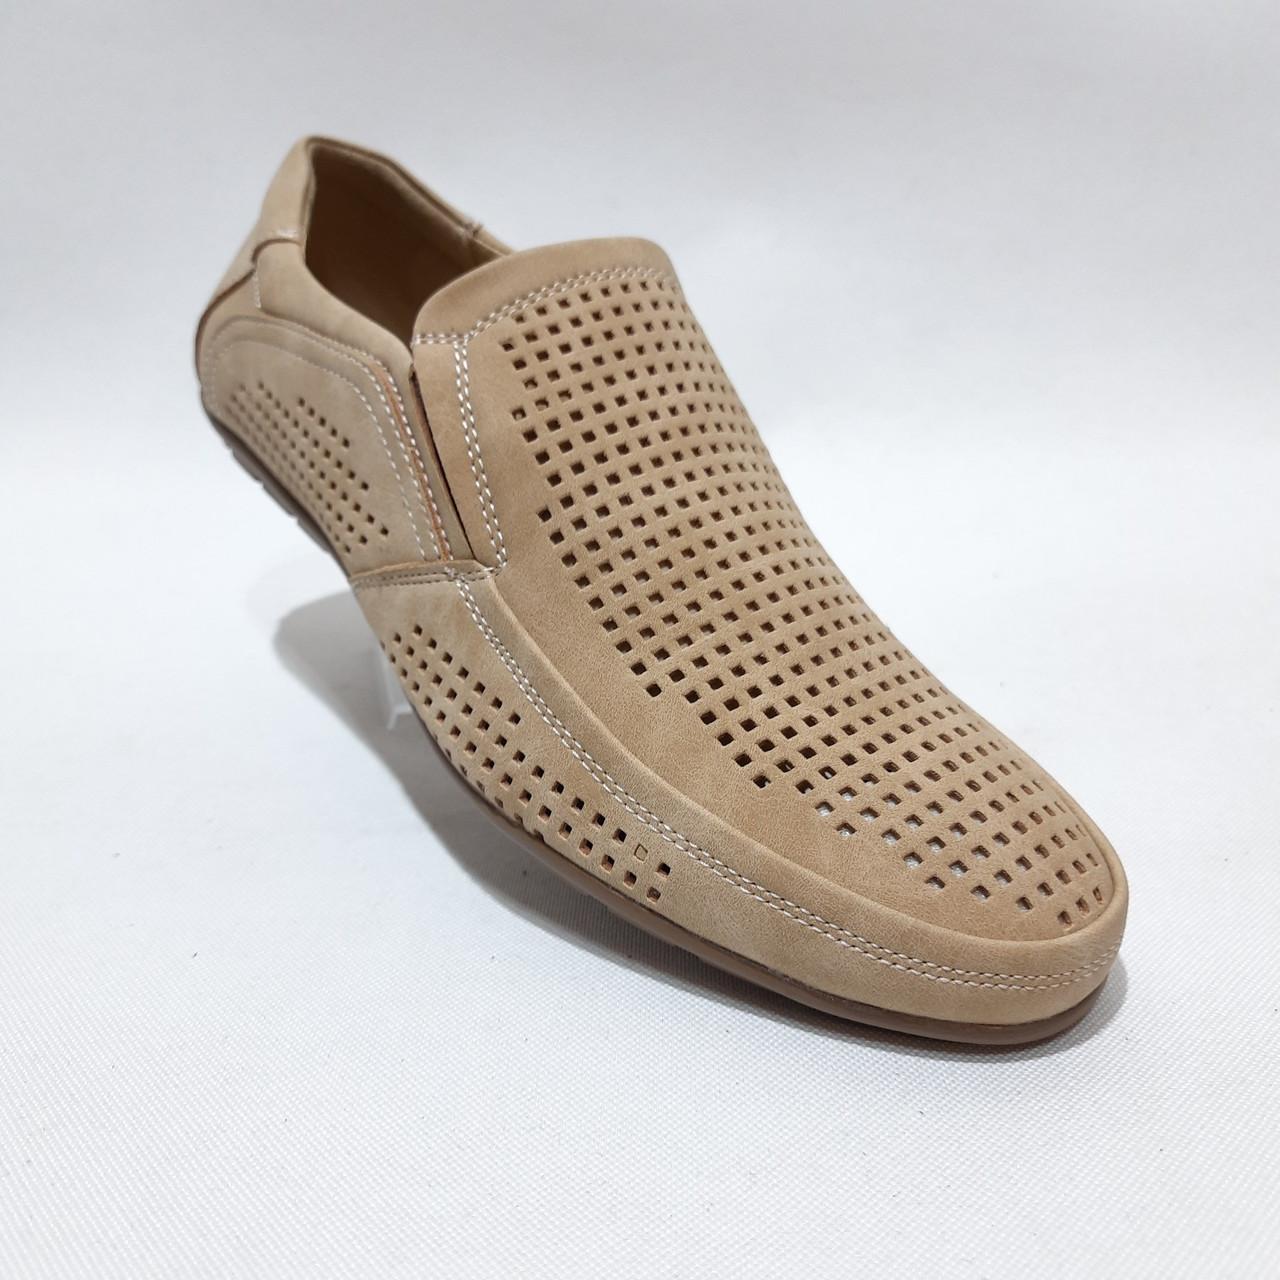 44 р. Чоловічі мокасини туфлі літні бежеві з екошкіри остання пара